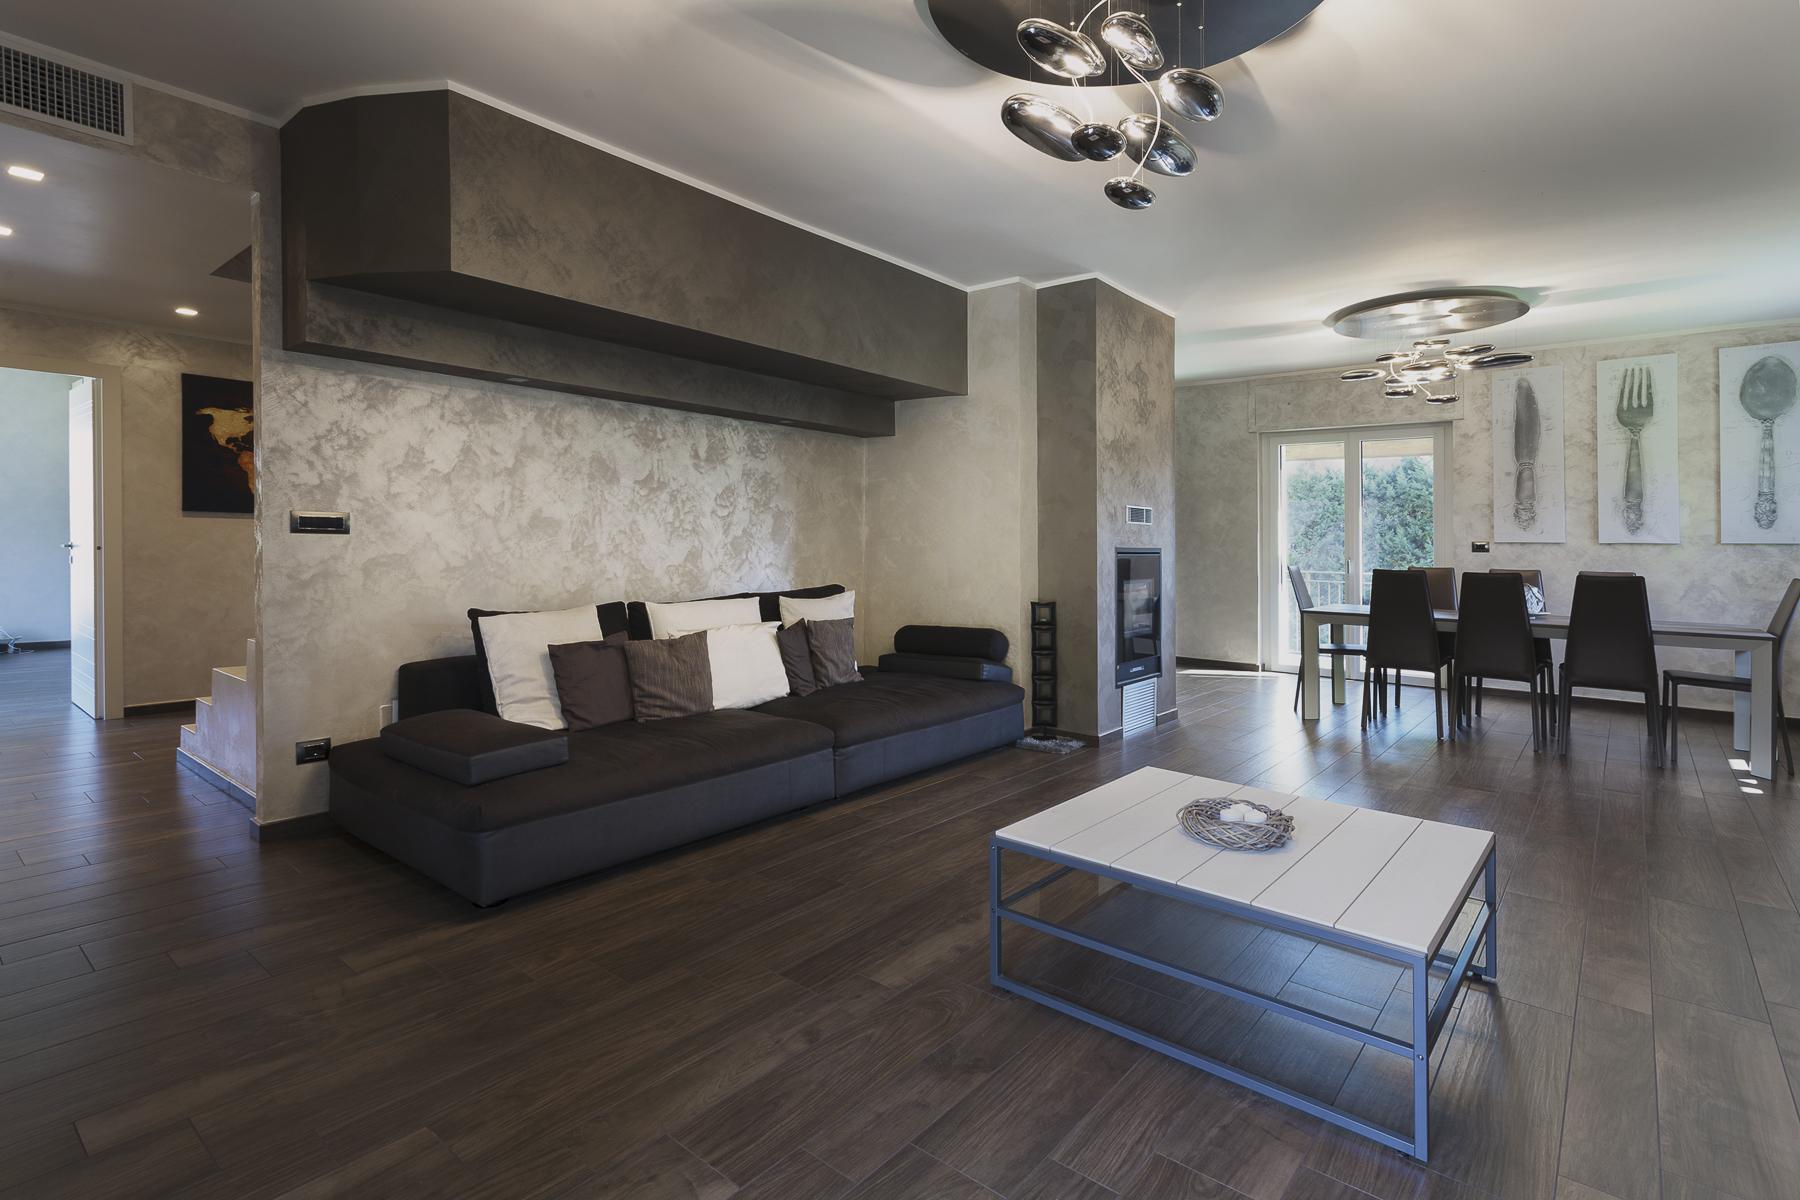 Casa indipendente in Vendita a Moncalieri: 5 locali, 250 mq